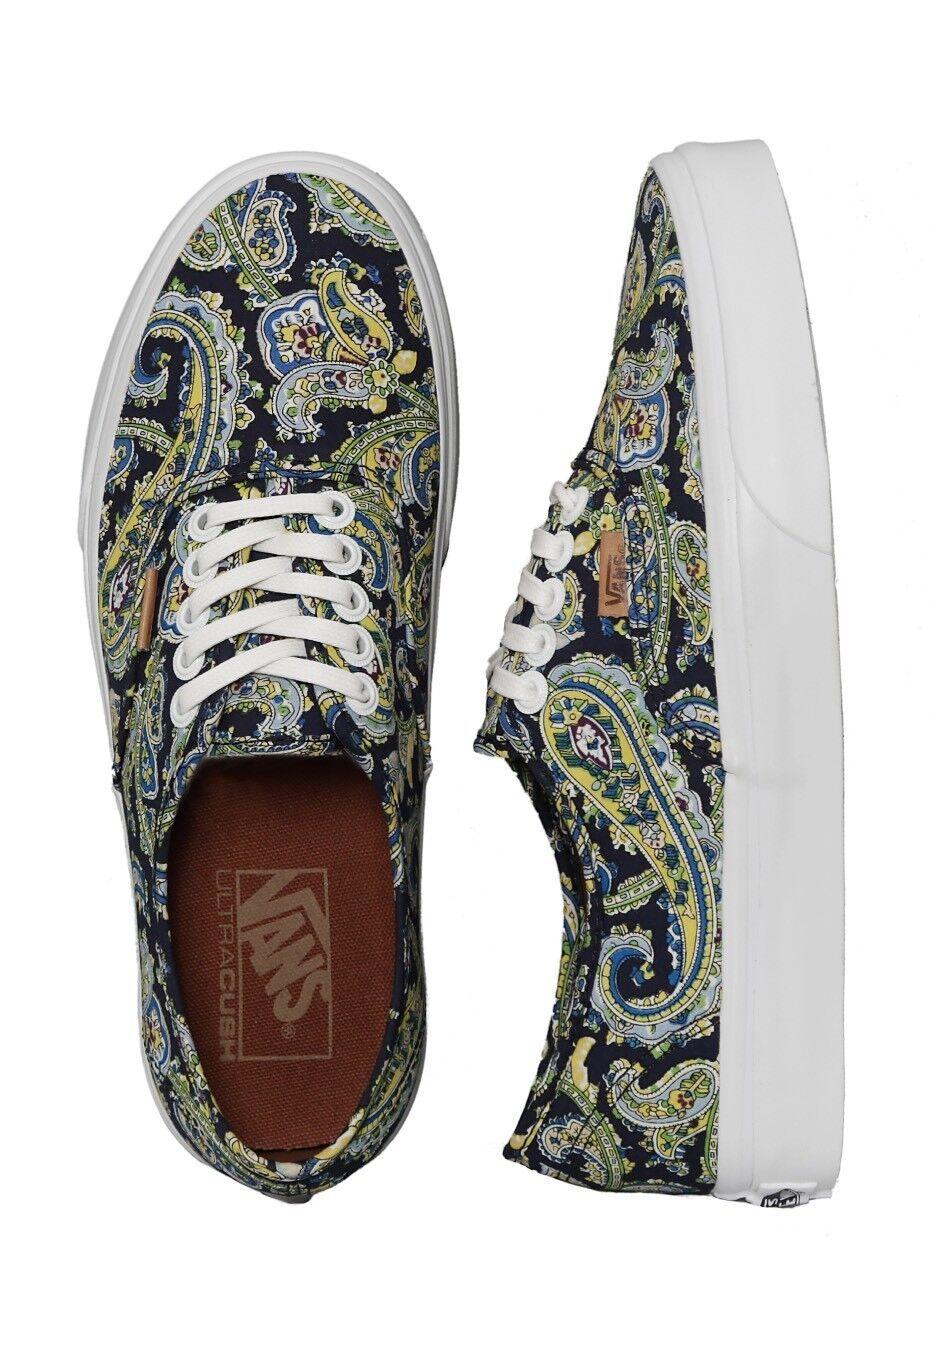 Vans AUTHENTIC   PAISLEY DRESS BleuS Skate Chaussures Homme 4 Femme 5.5 CLASSICS NIB